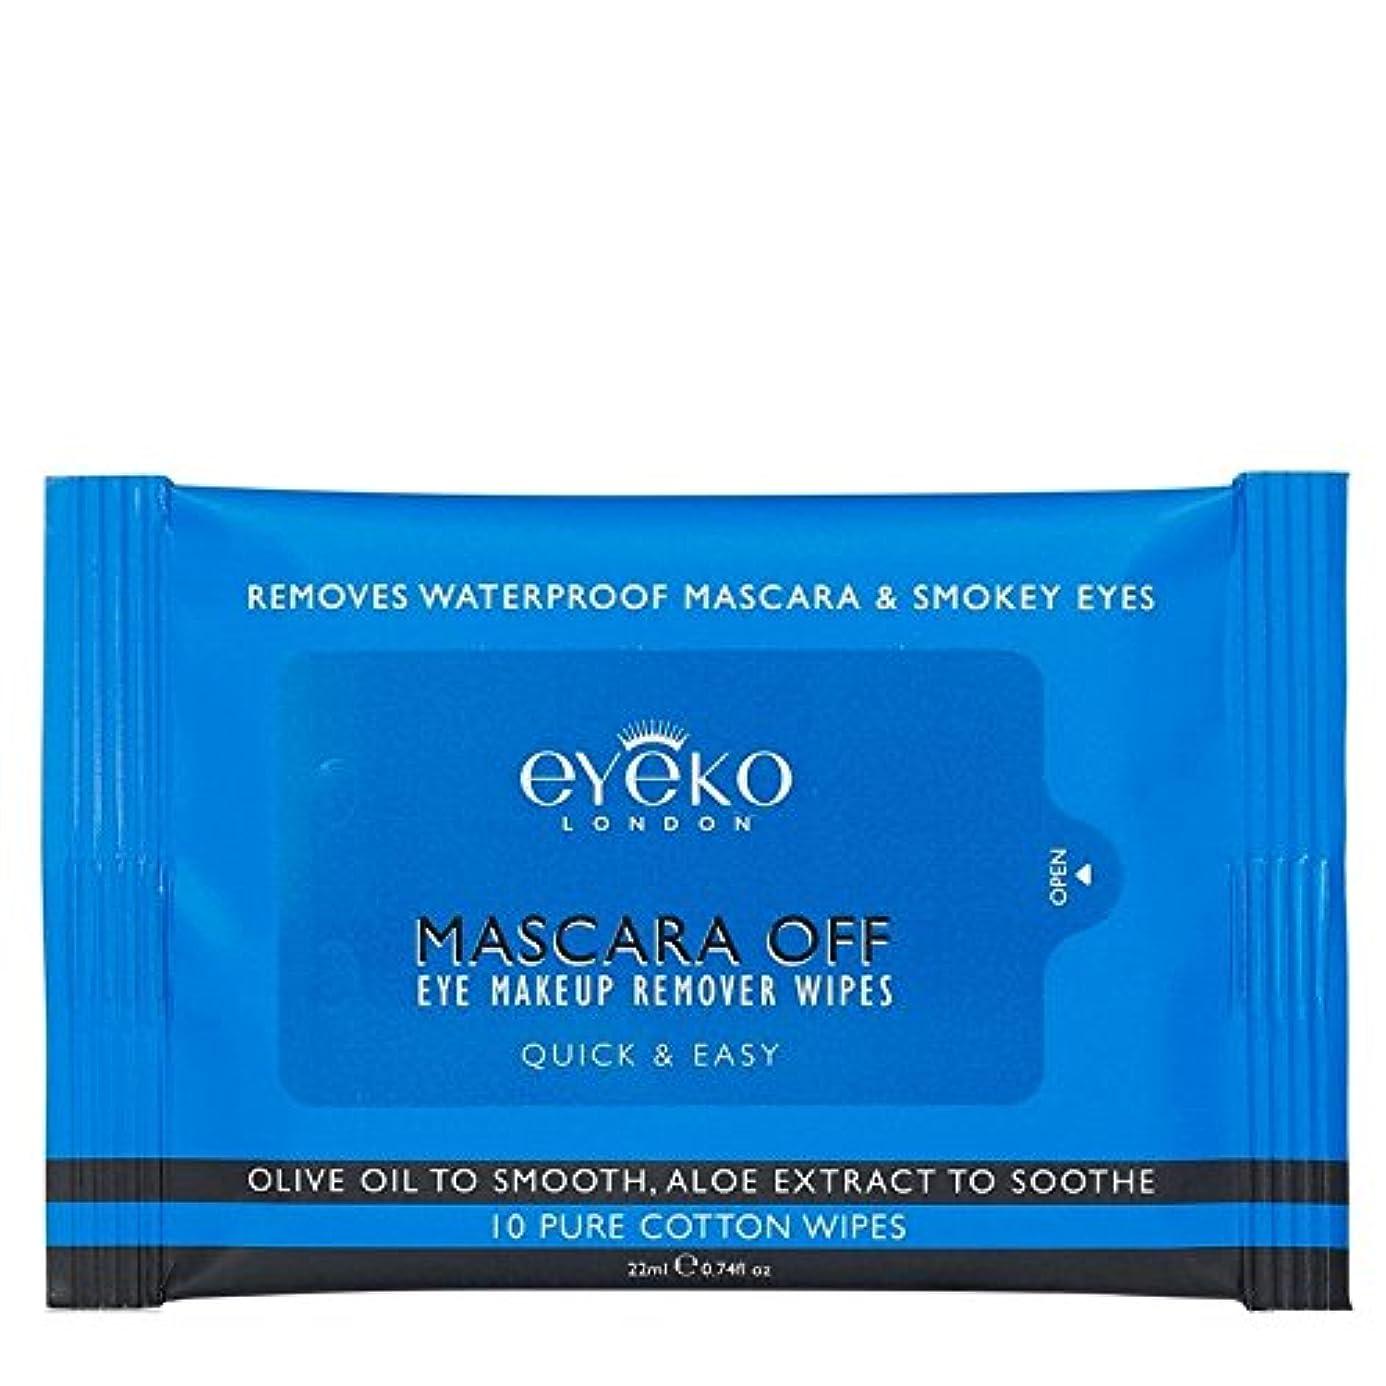 リファイン好意的正しくマスカラオフパックあたり10ワイプ x2 - Eyeko Mascara off Wipes 10 per pack (Pack of 2) [並行輸入品]